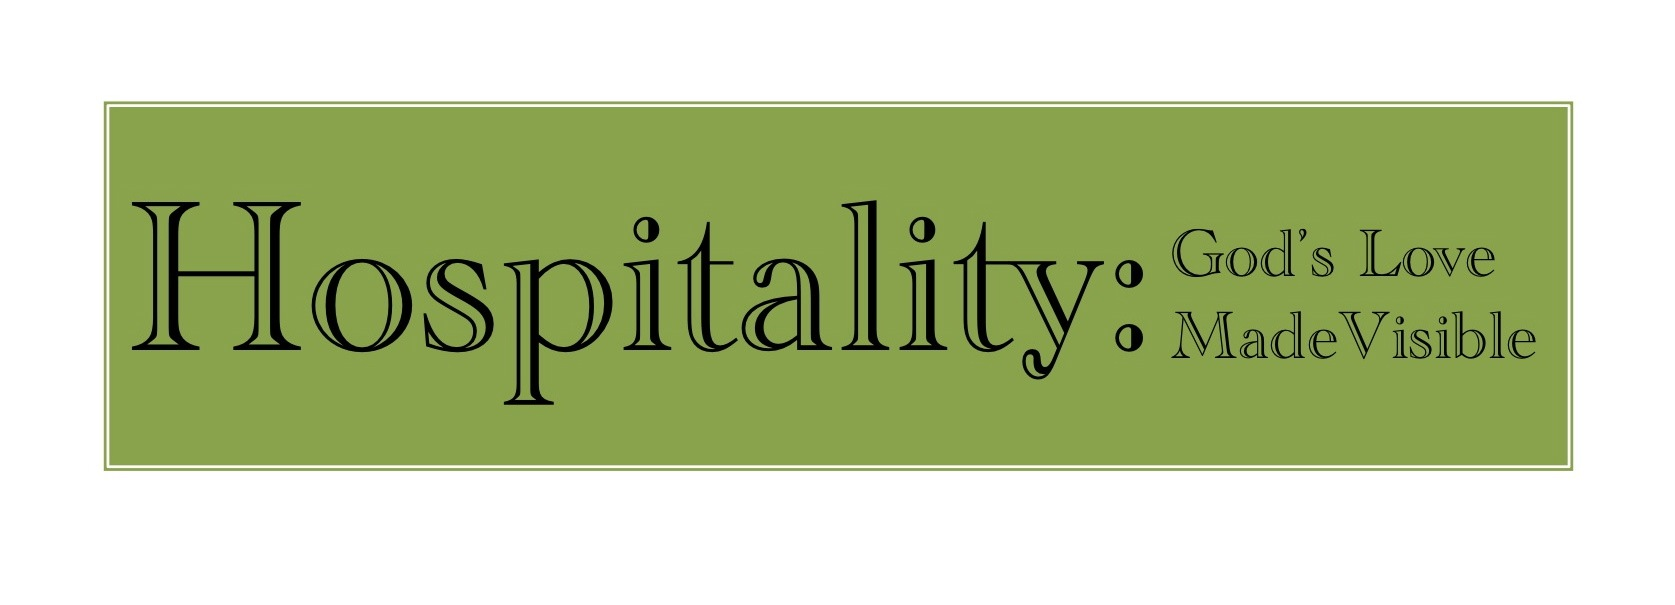 Hospitality - Practicing Our Faith